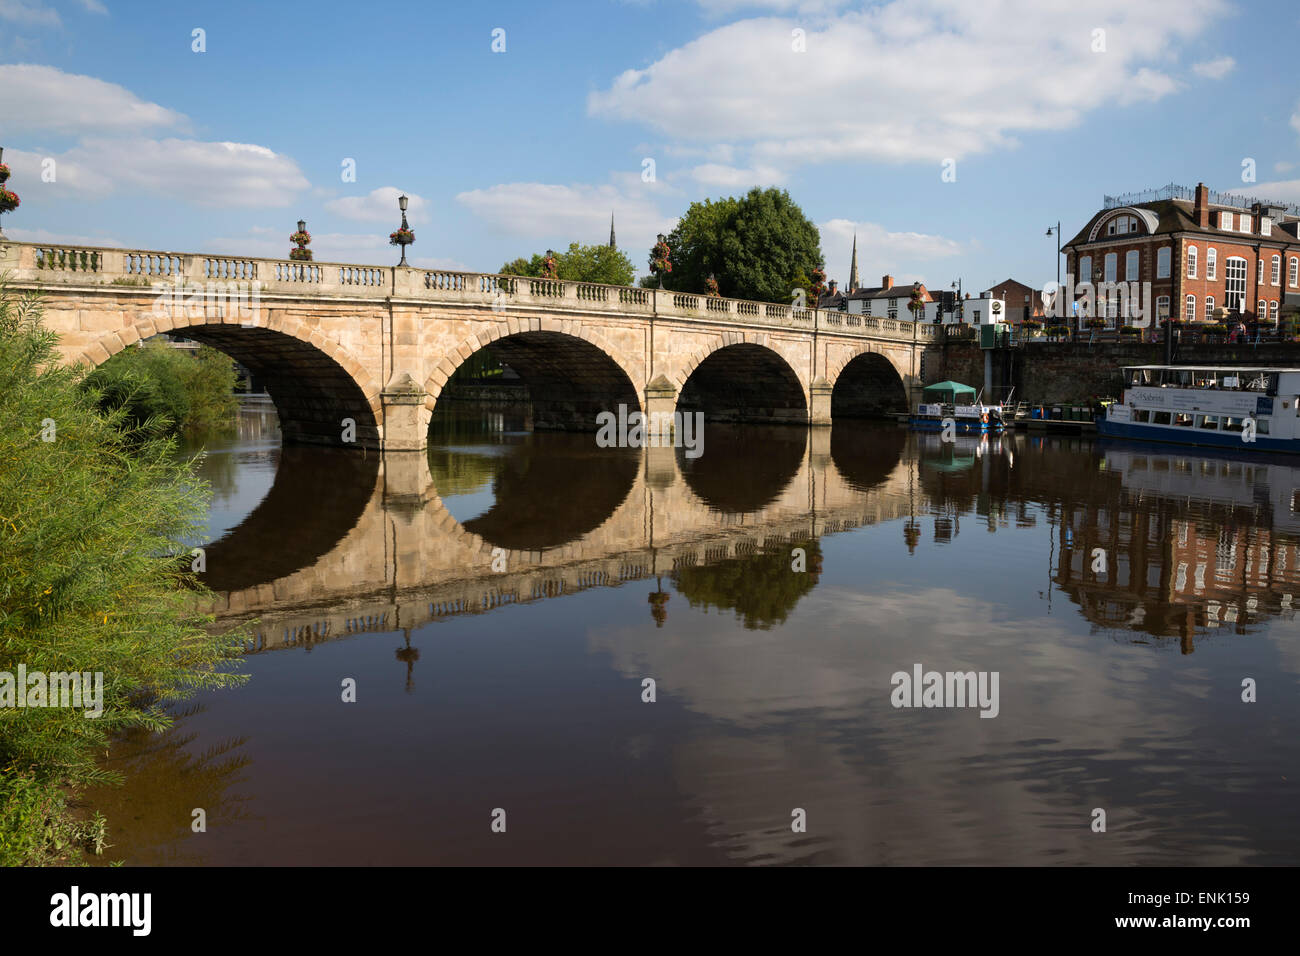 The Welsh Bridge over River Severn, Shrewsbury, Shropshire, England, United Kingdom, Europe - Stock Image